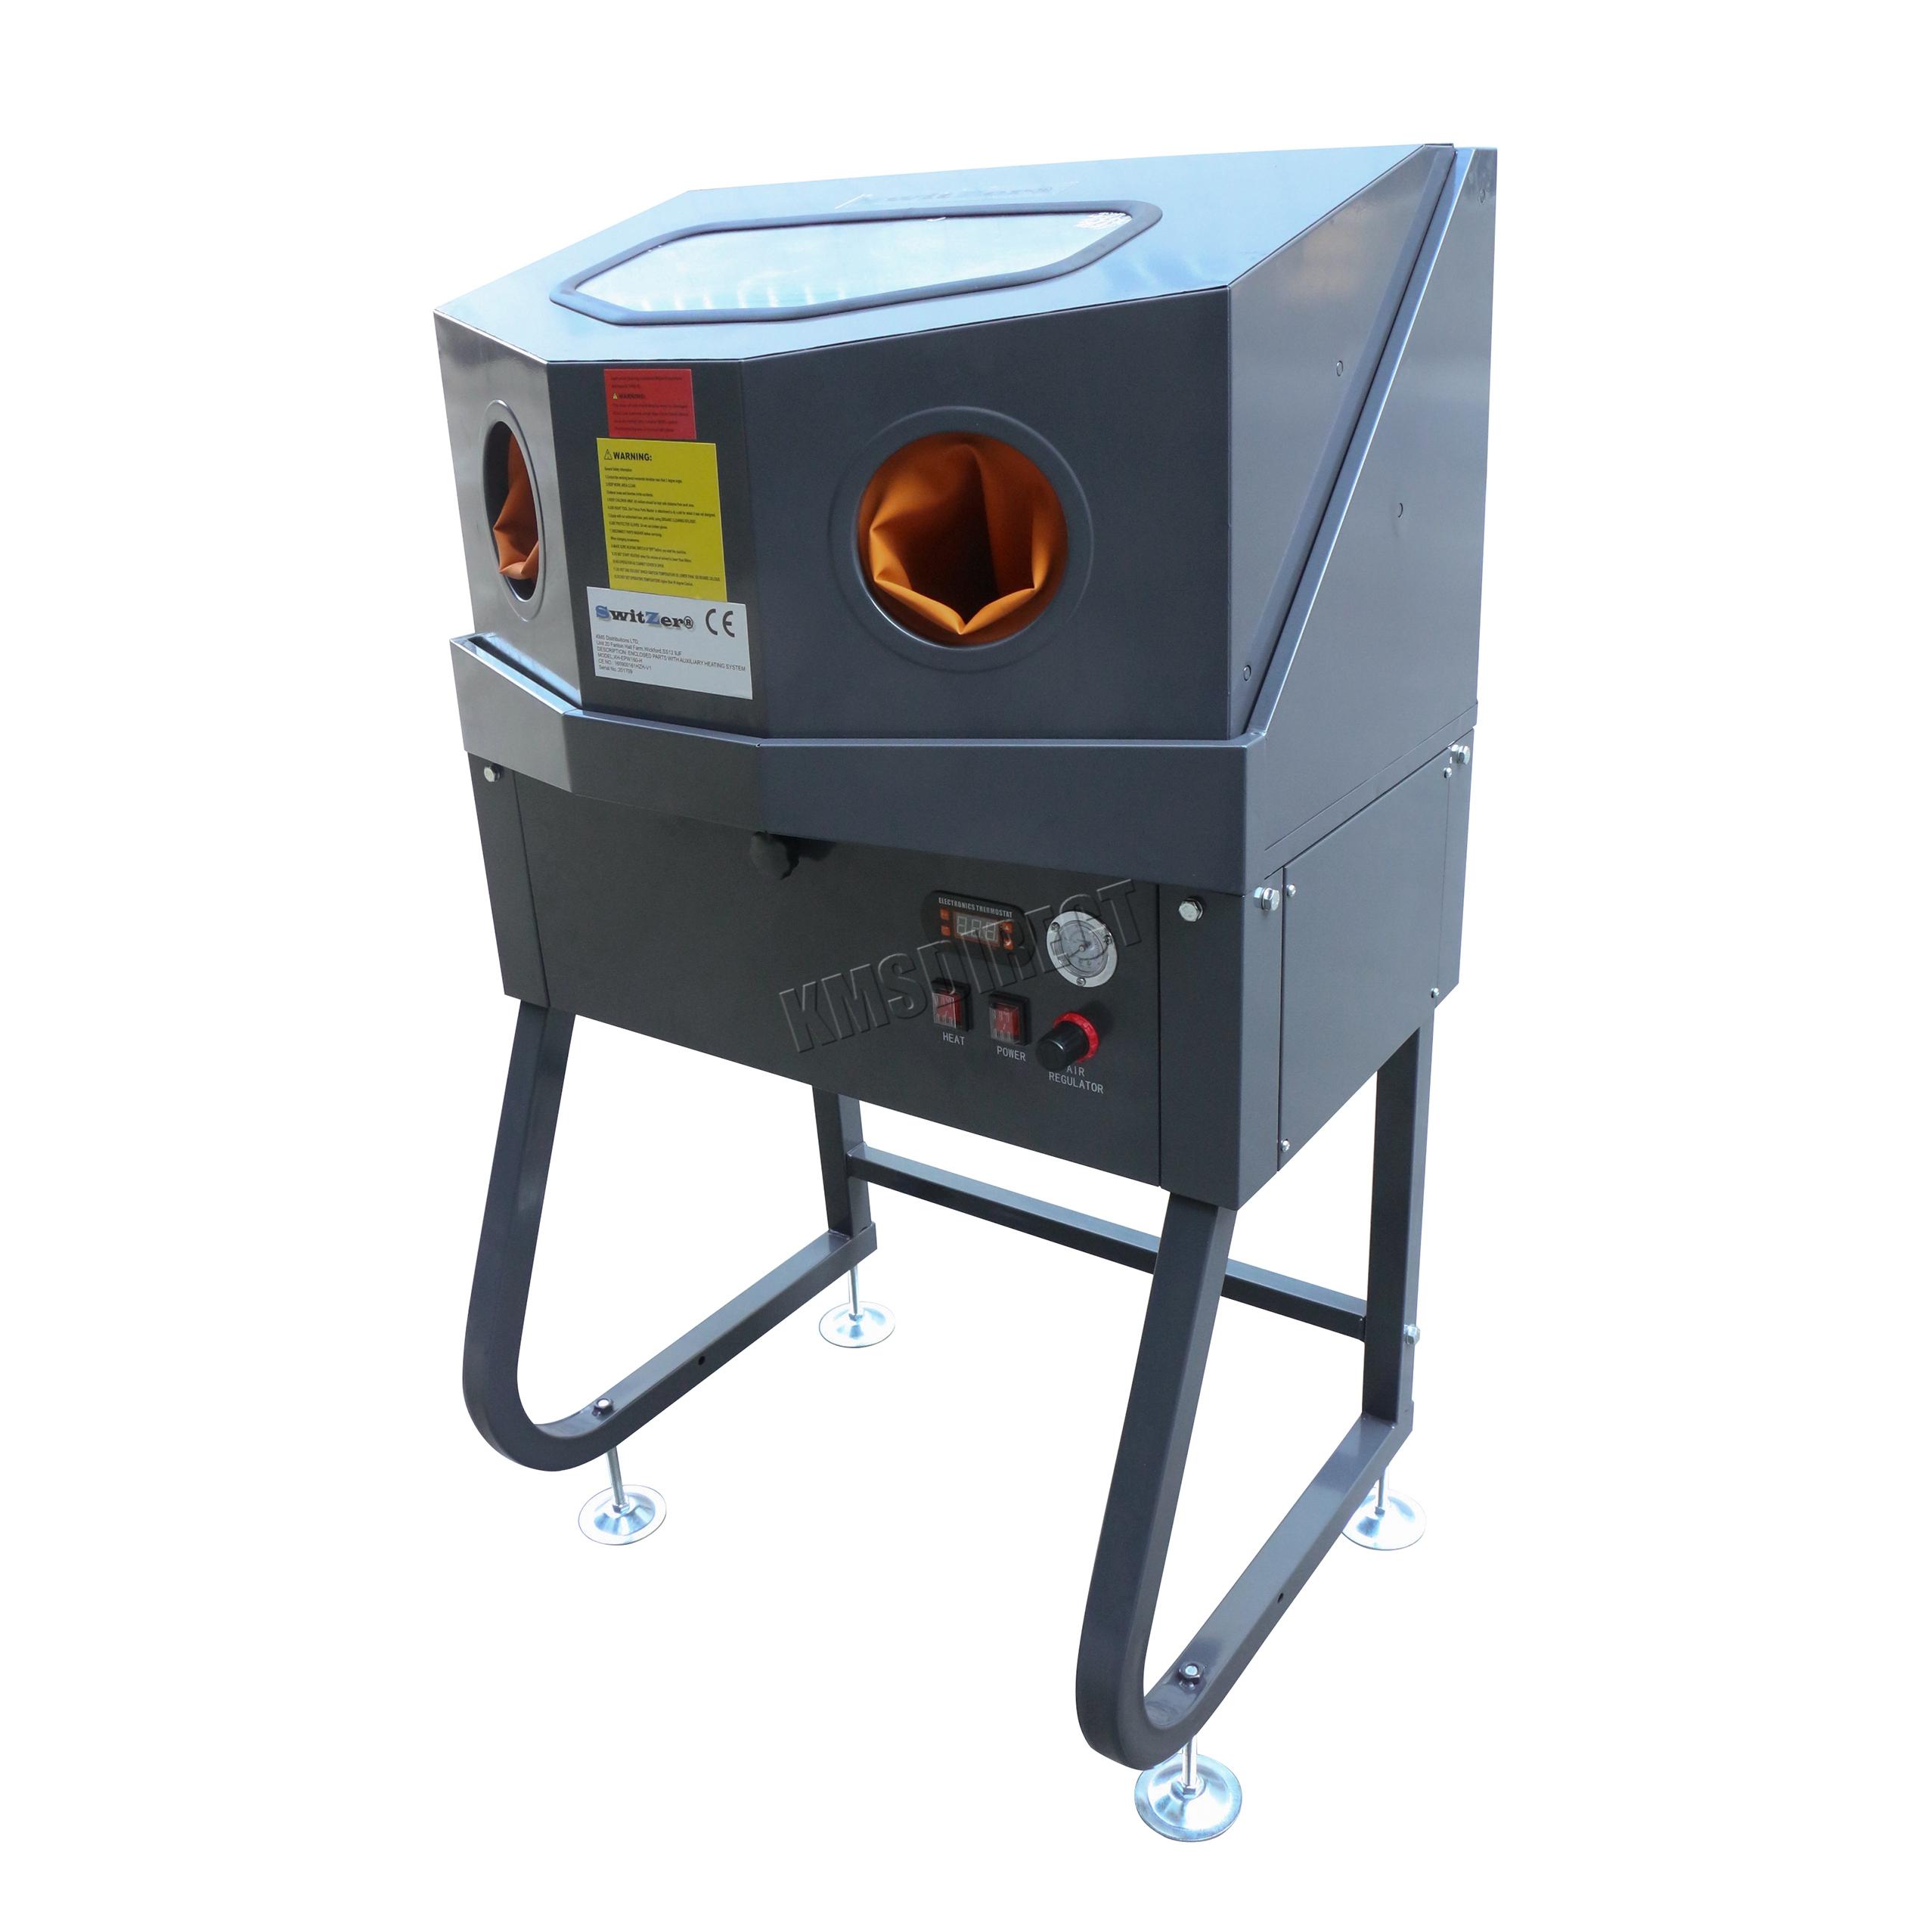 Switzer Beigefügt Teile Waschmaschine mit Zusatz Heizsystem Reiniger ...